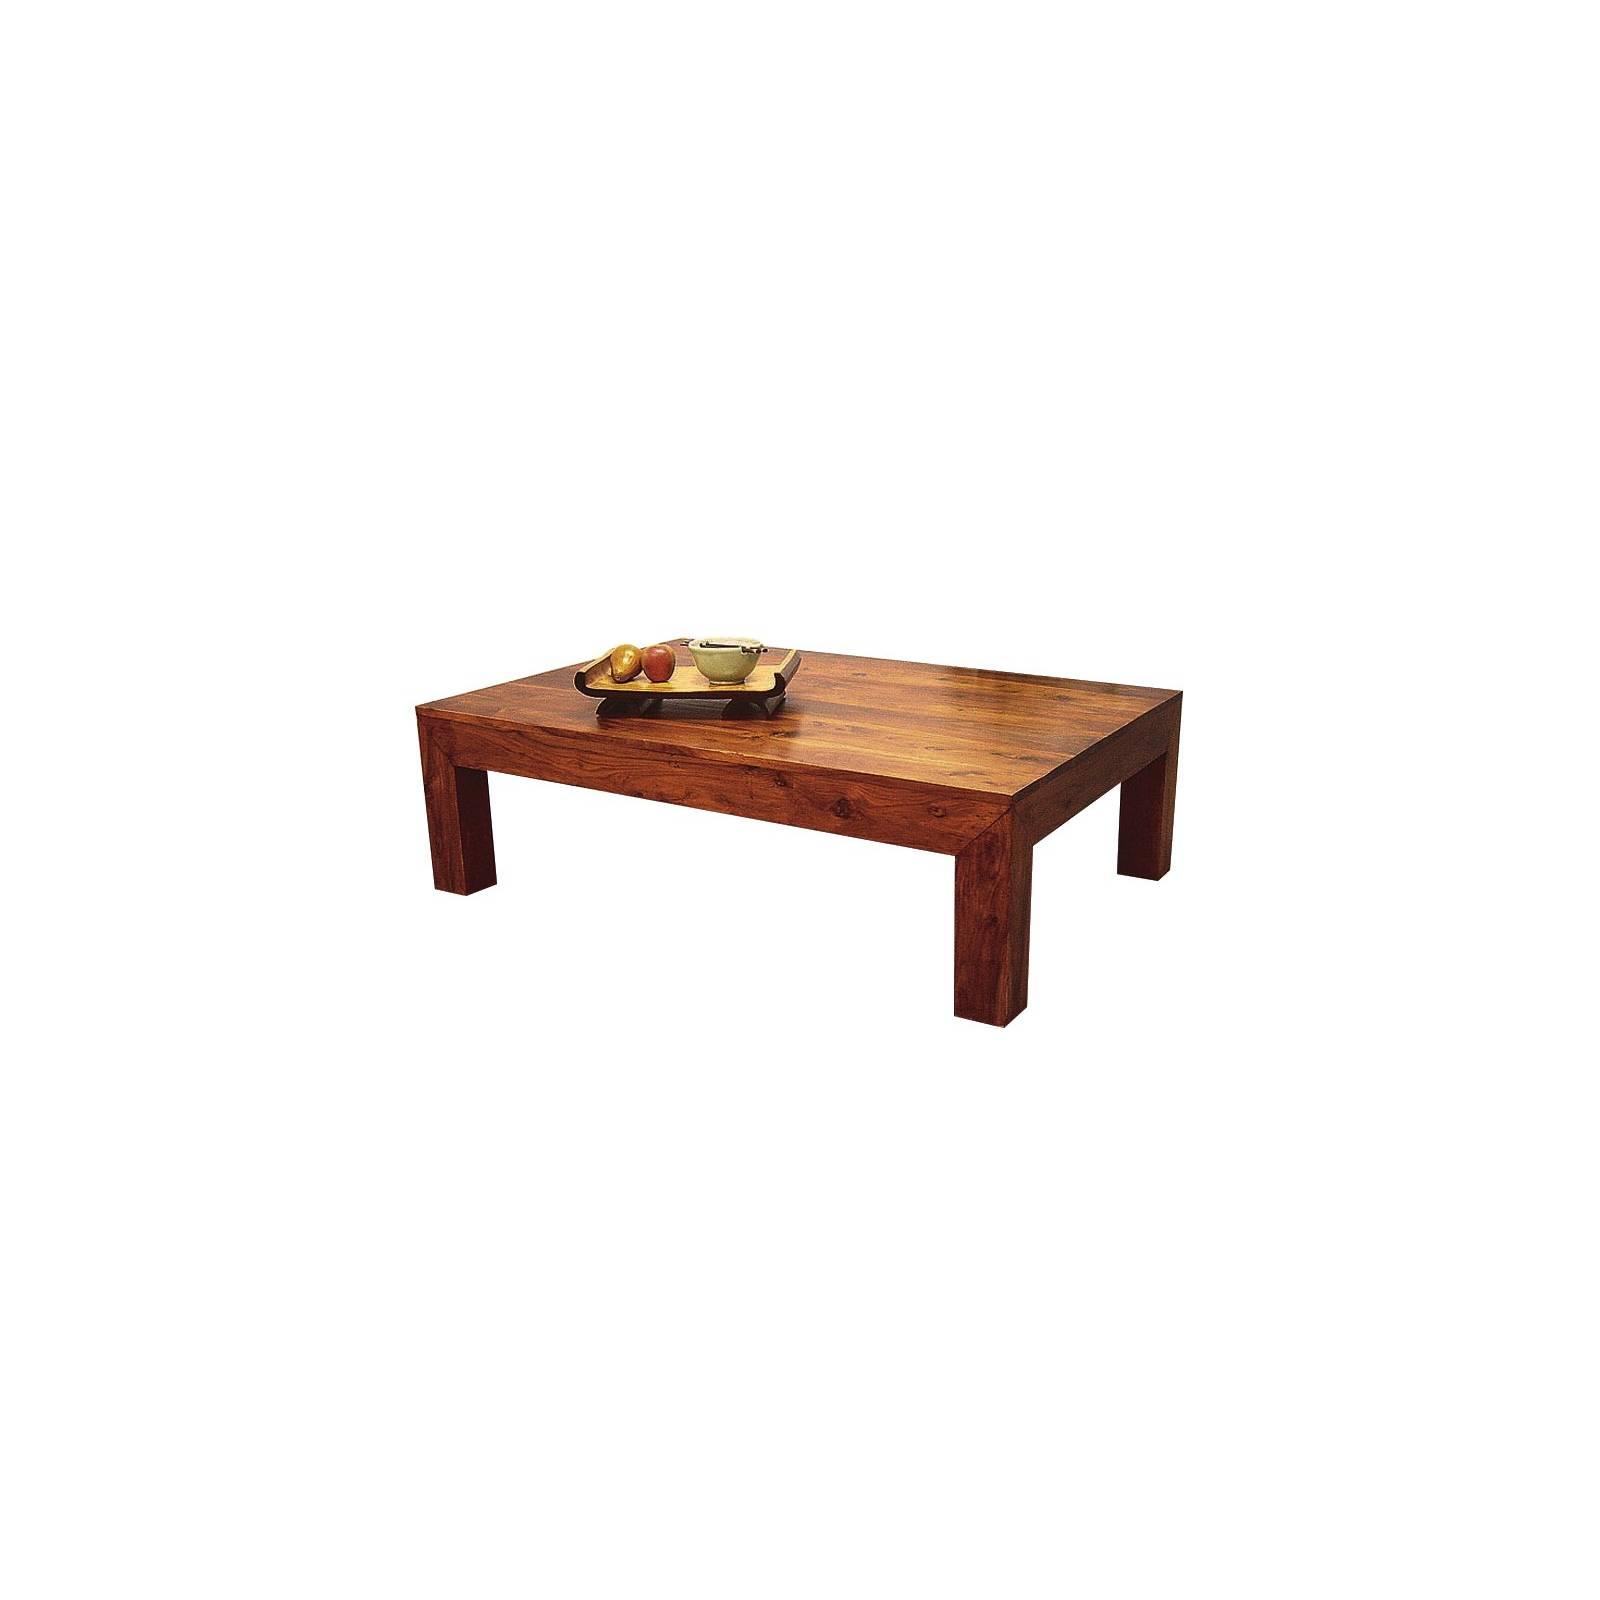 Table Basse 130 Zen Palissandre - meuble en bois exotique